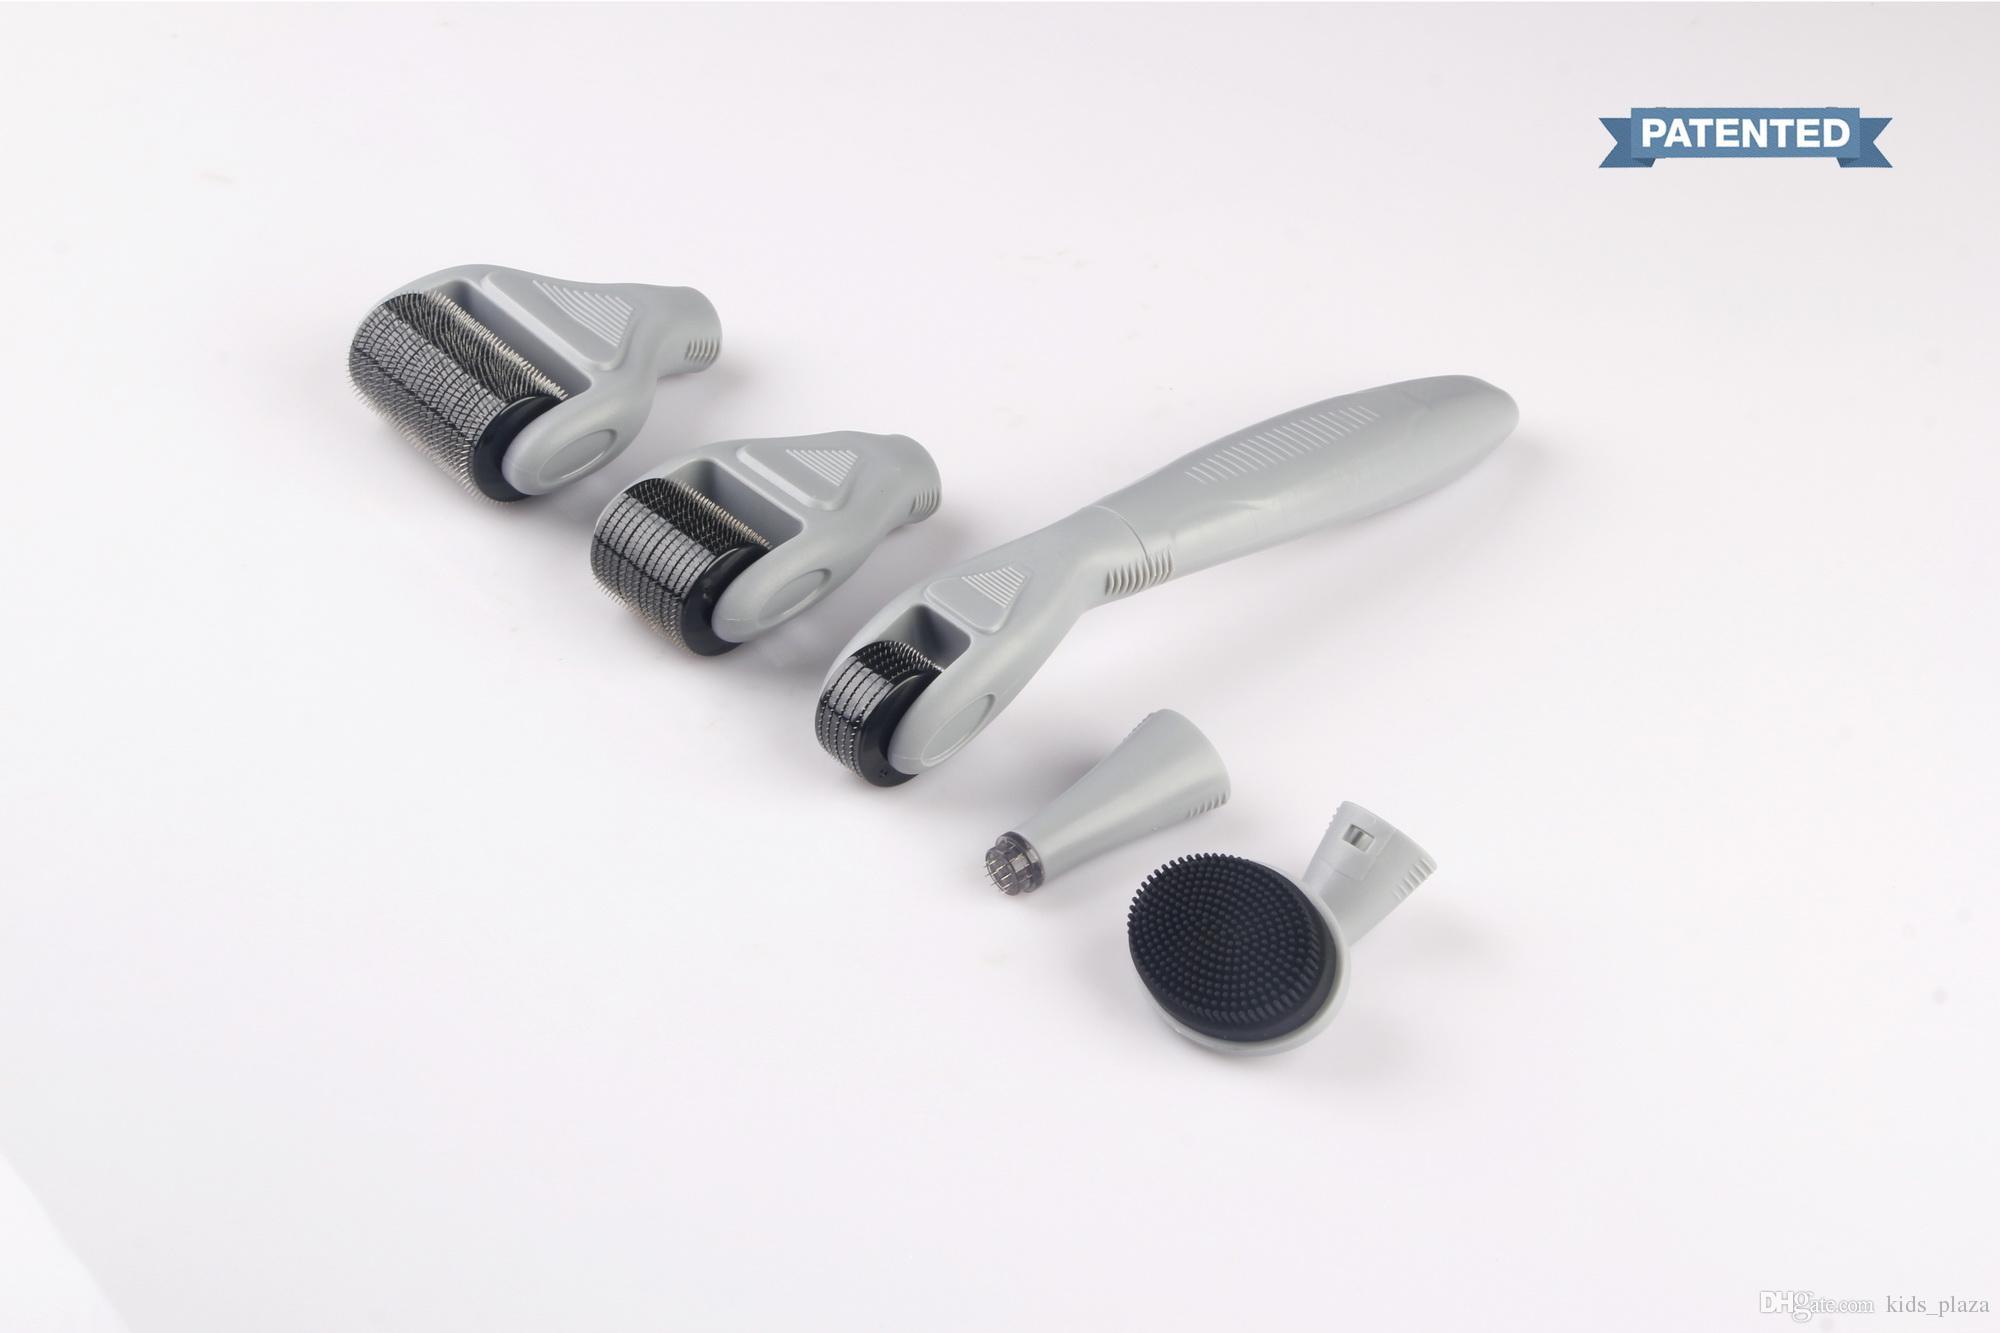 DRS Derma rulo Sistemi 6 Skar Yüz Fırça Mikro İğne Tedavisi Cilt Bakımı Seti ücretsiz kargo dermaroller 1 Titanium